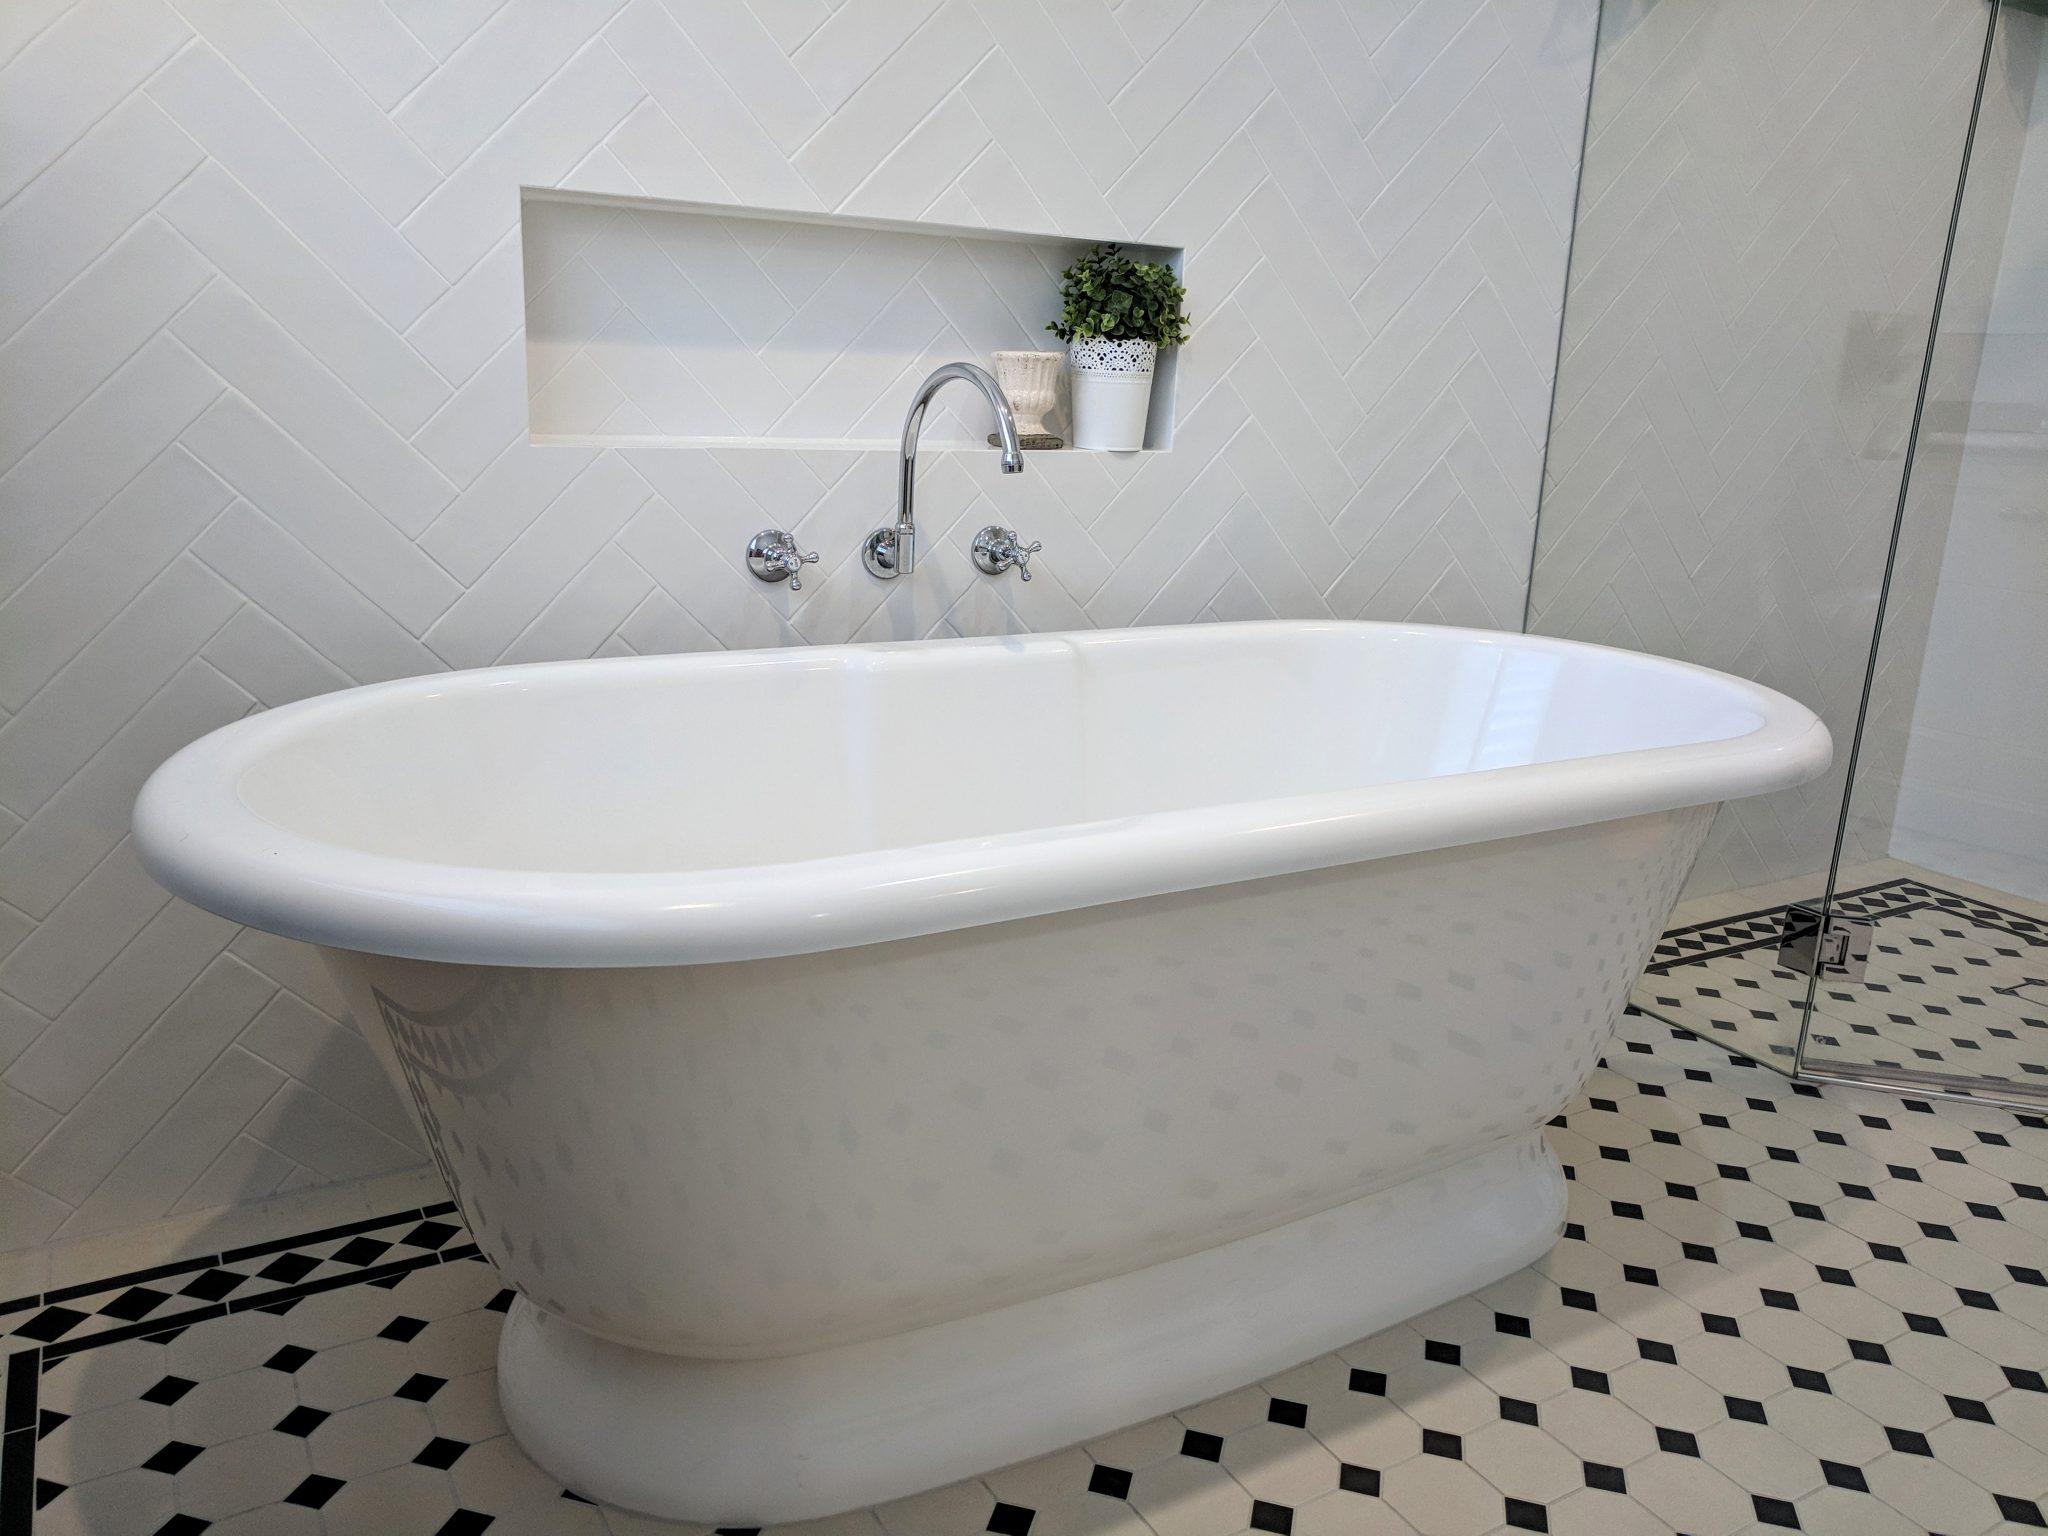 Freestanding bath tub sydney